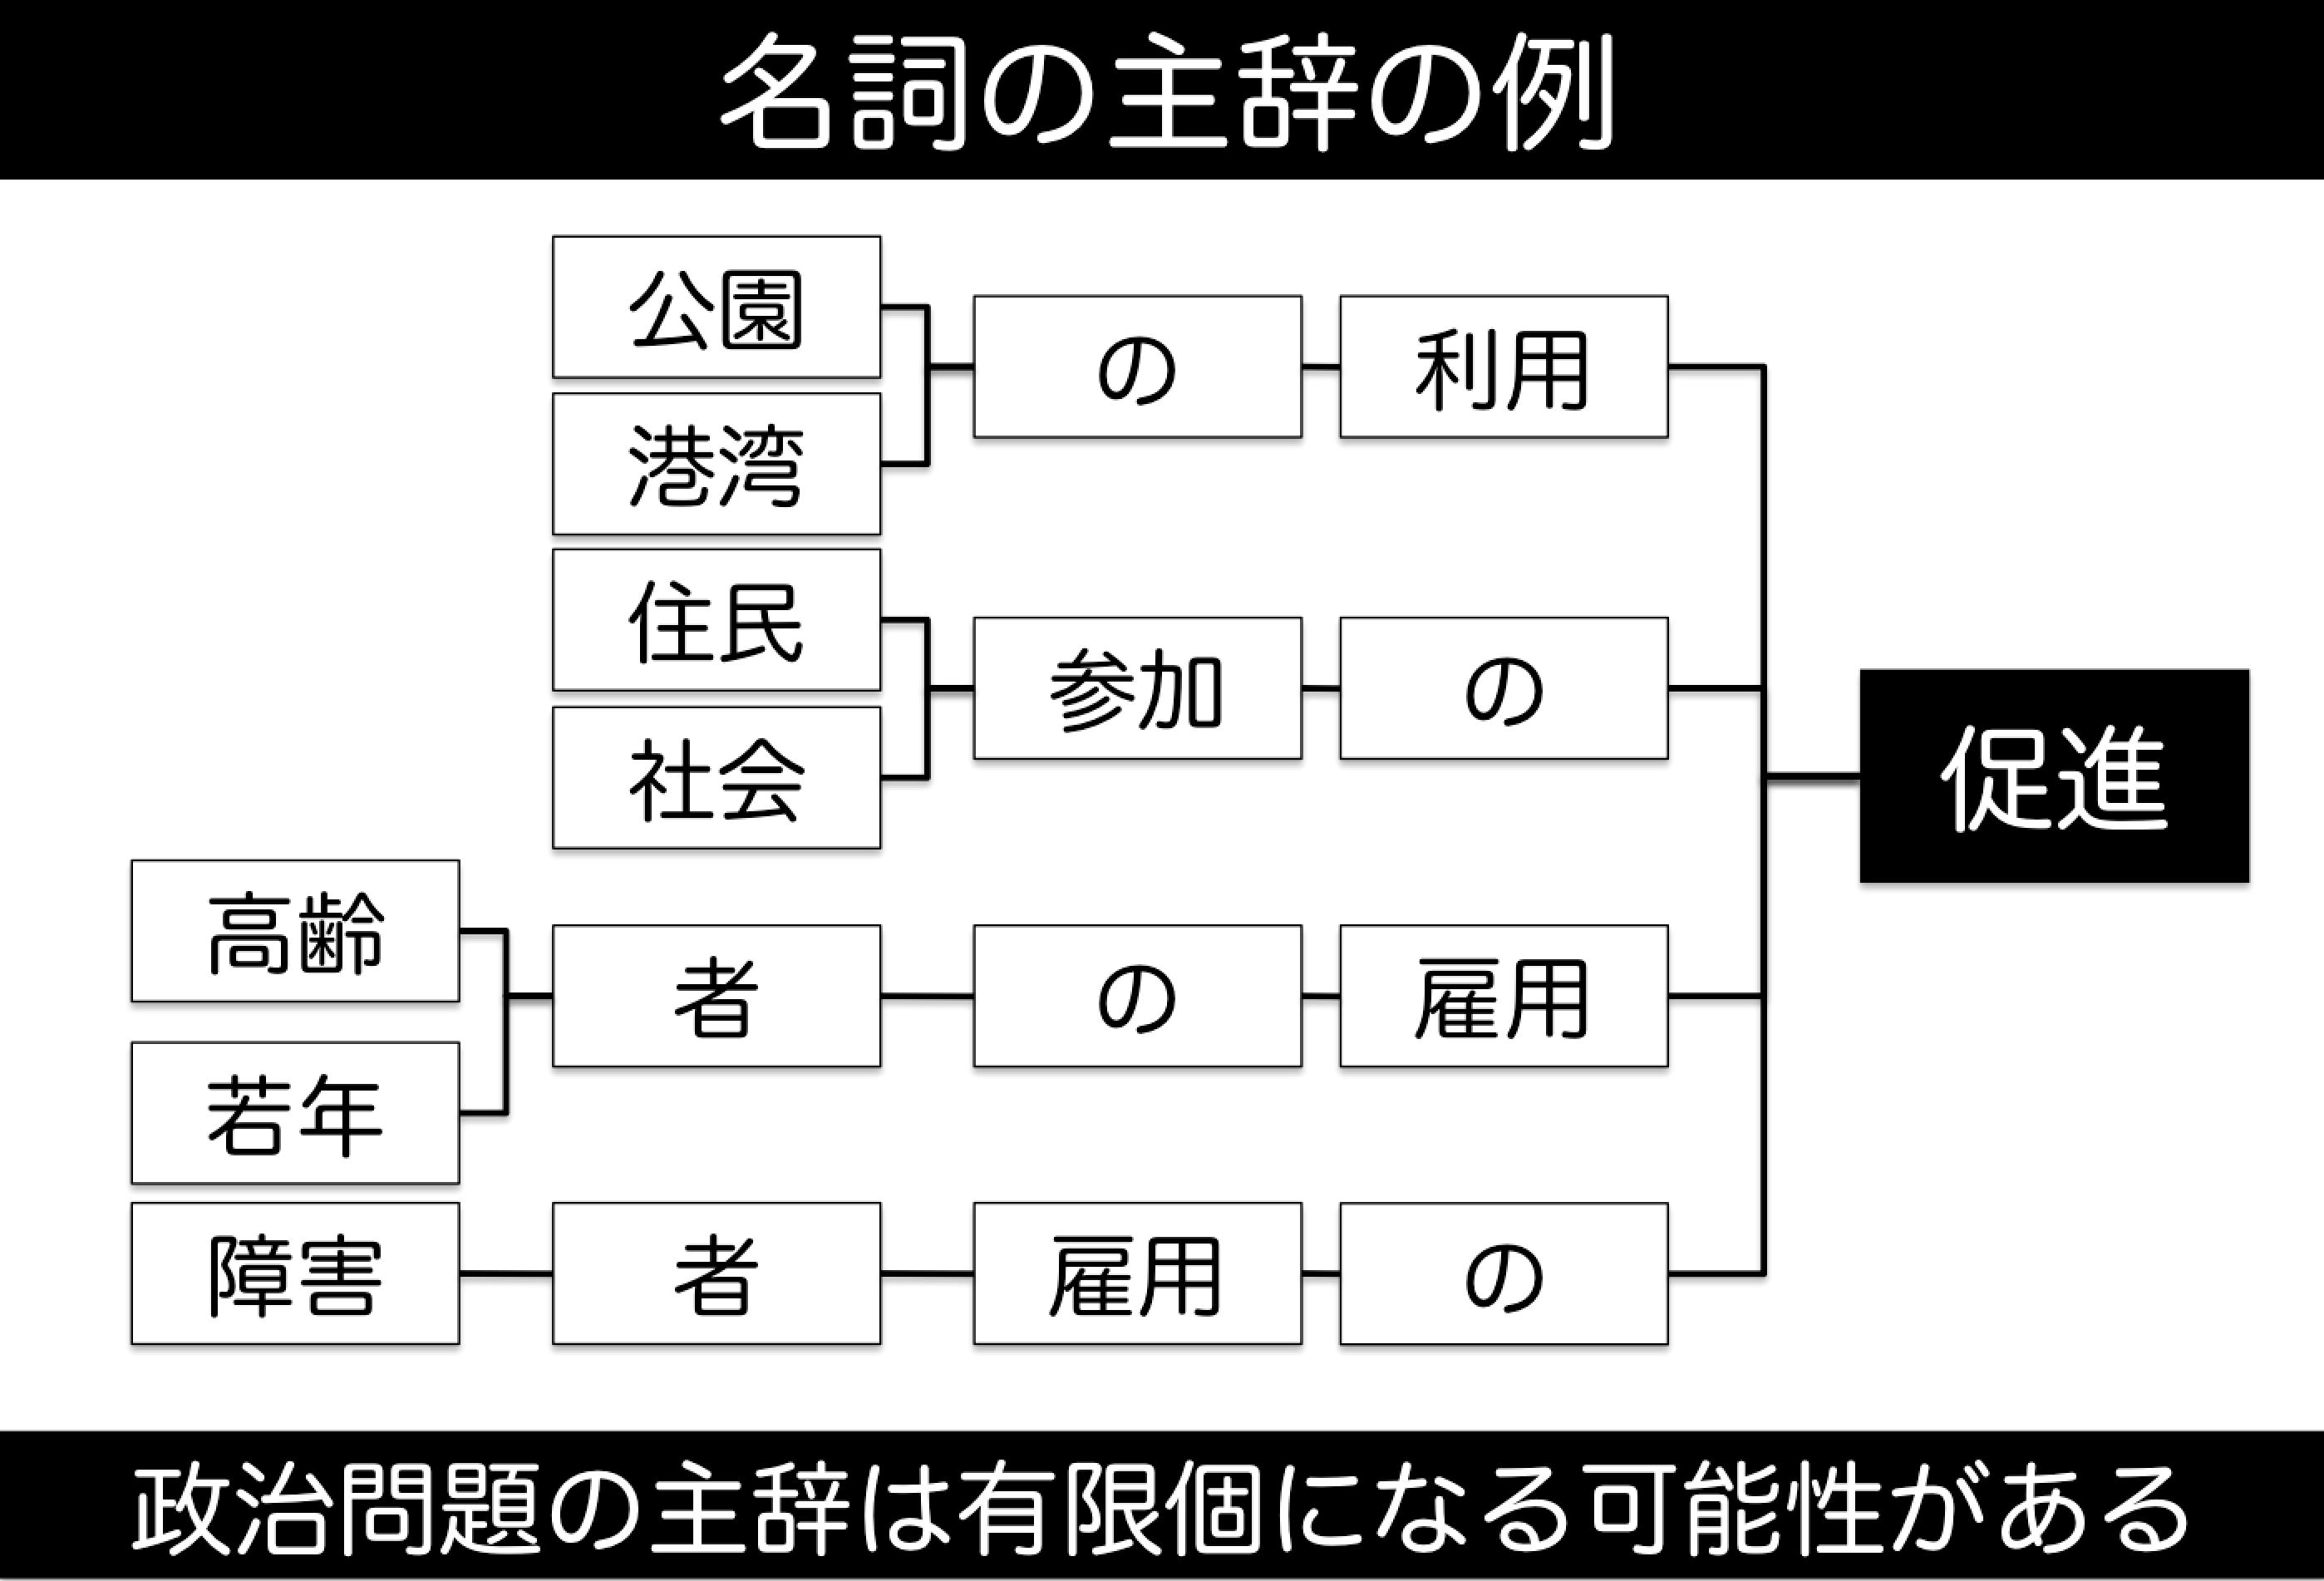 kimura2012-slide-01